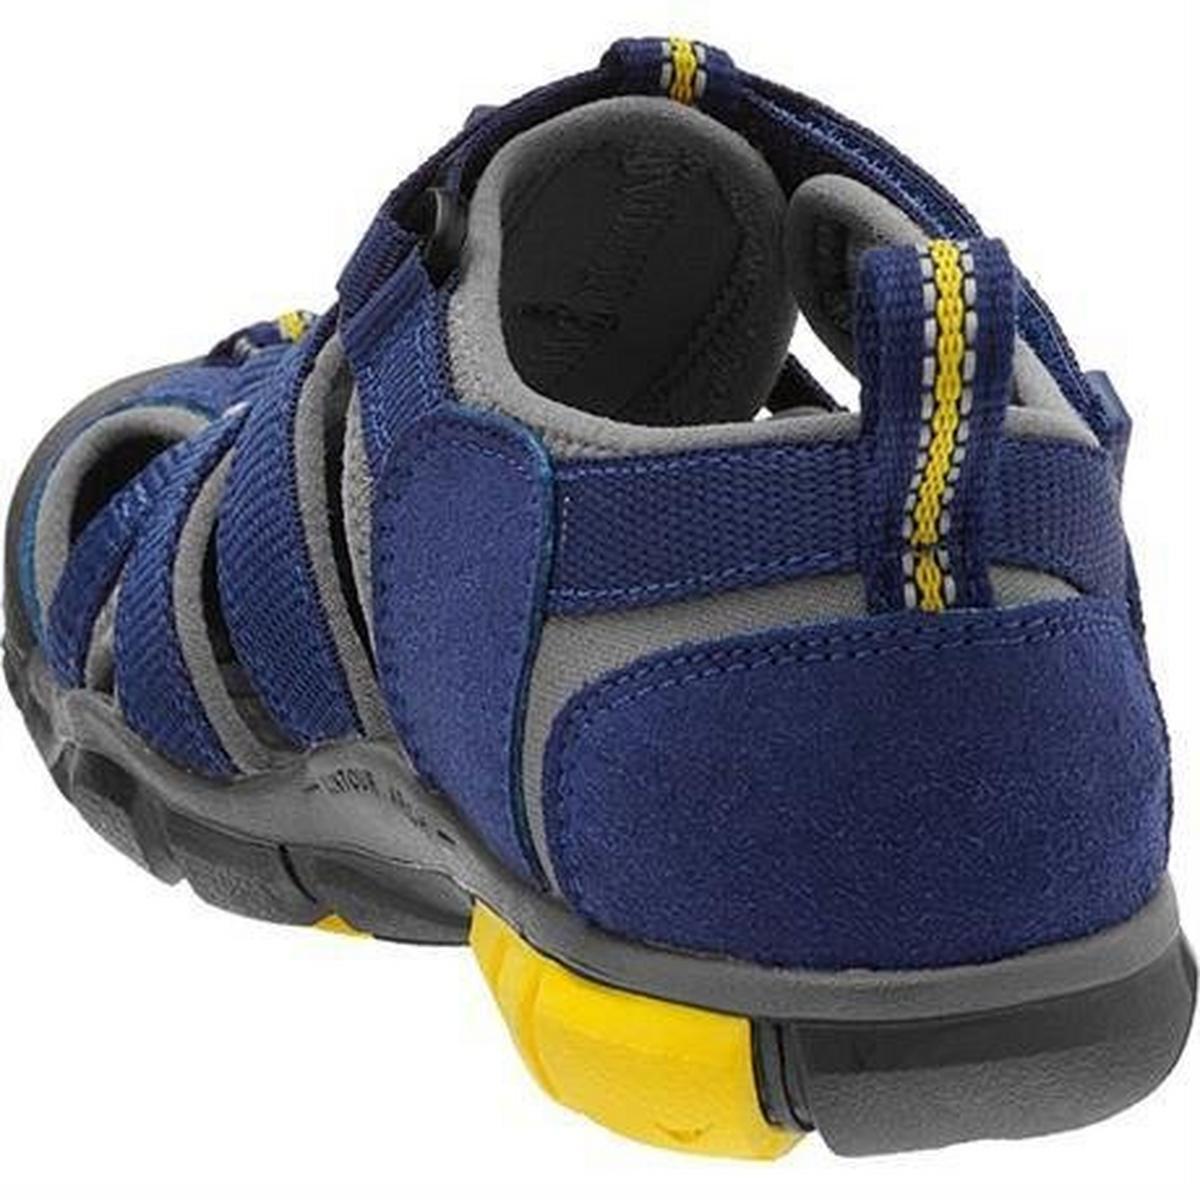 Keen Kids' Children's Seacamp II CNX CHILD Blue Depths/Gargoyle Sandal